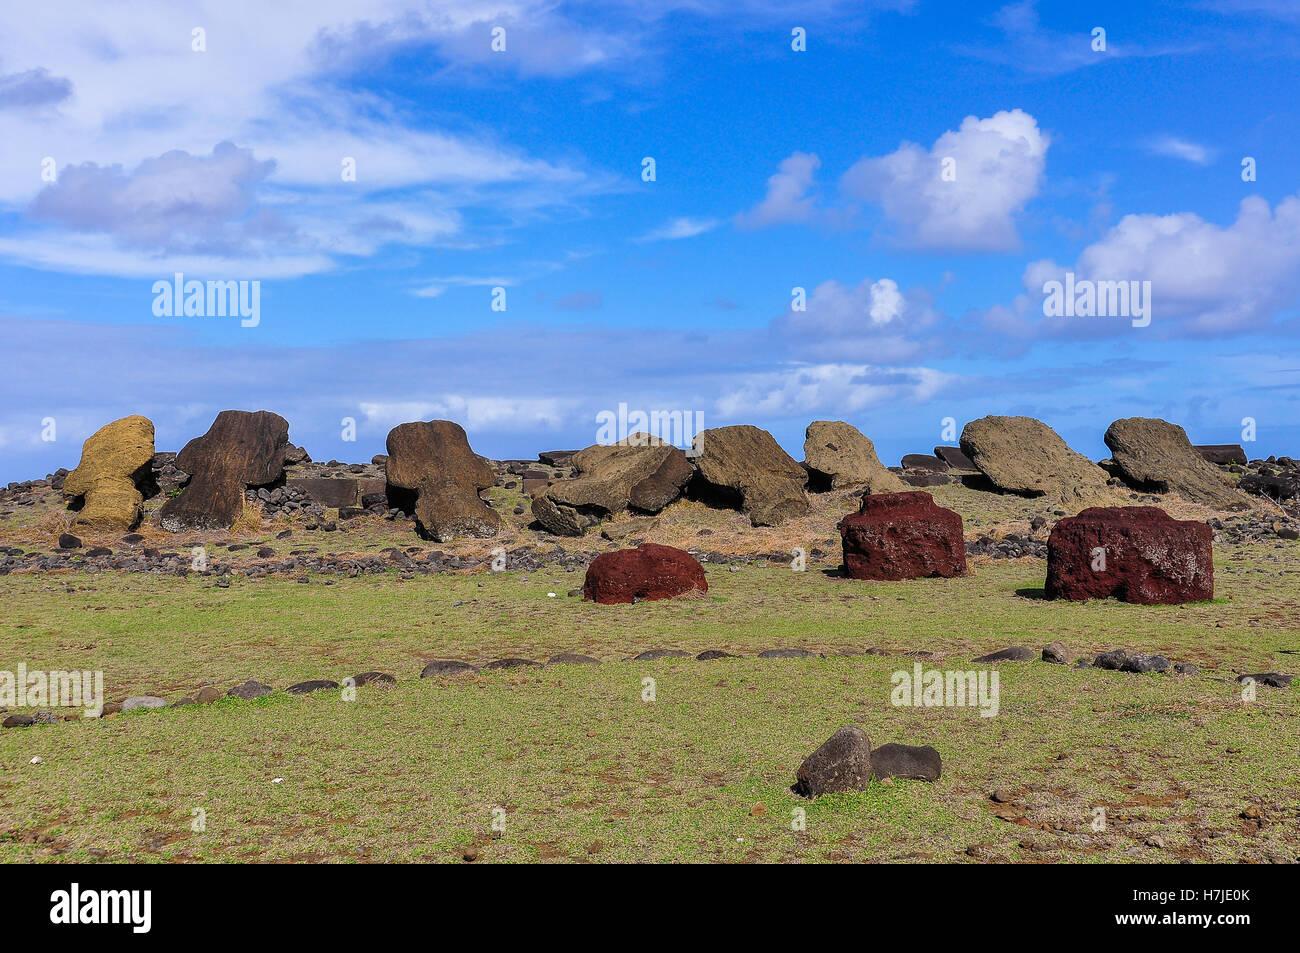 Estatua Moai ruinas en Akahanga sitio, Isla de Pascua, Chile Imagen De Stock